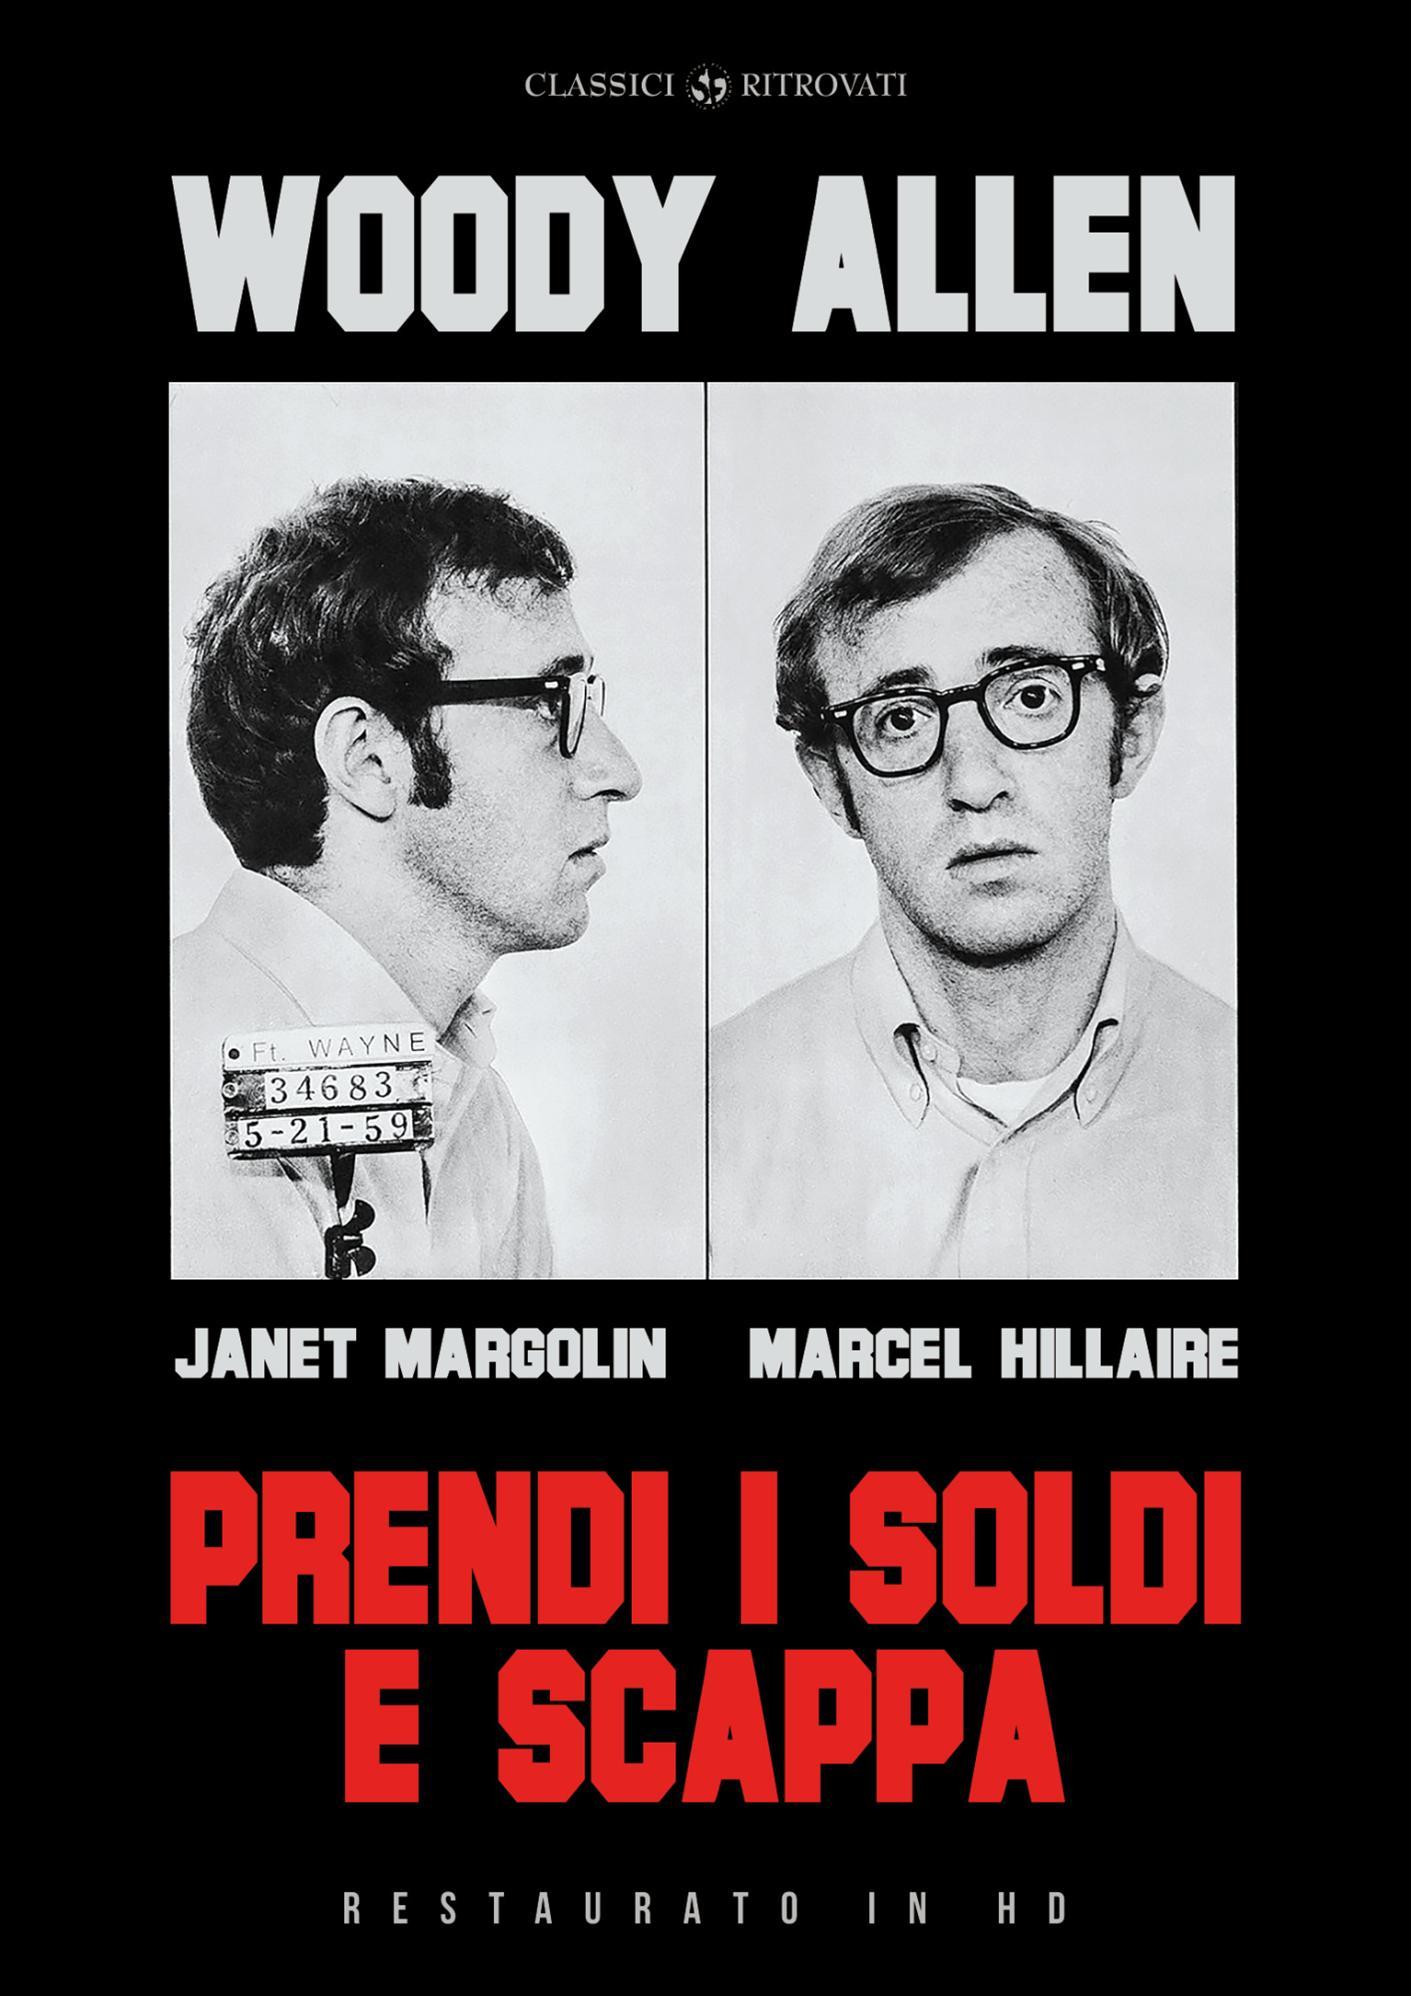 PRENDI I SOLDI E SCAPPA (RESTAURATO IN HD) (DVD)